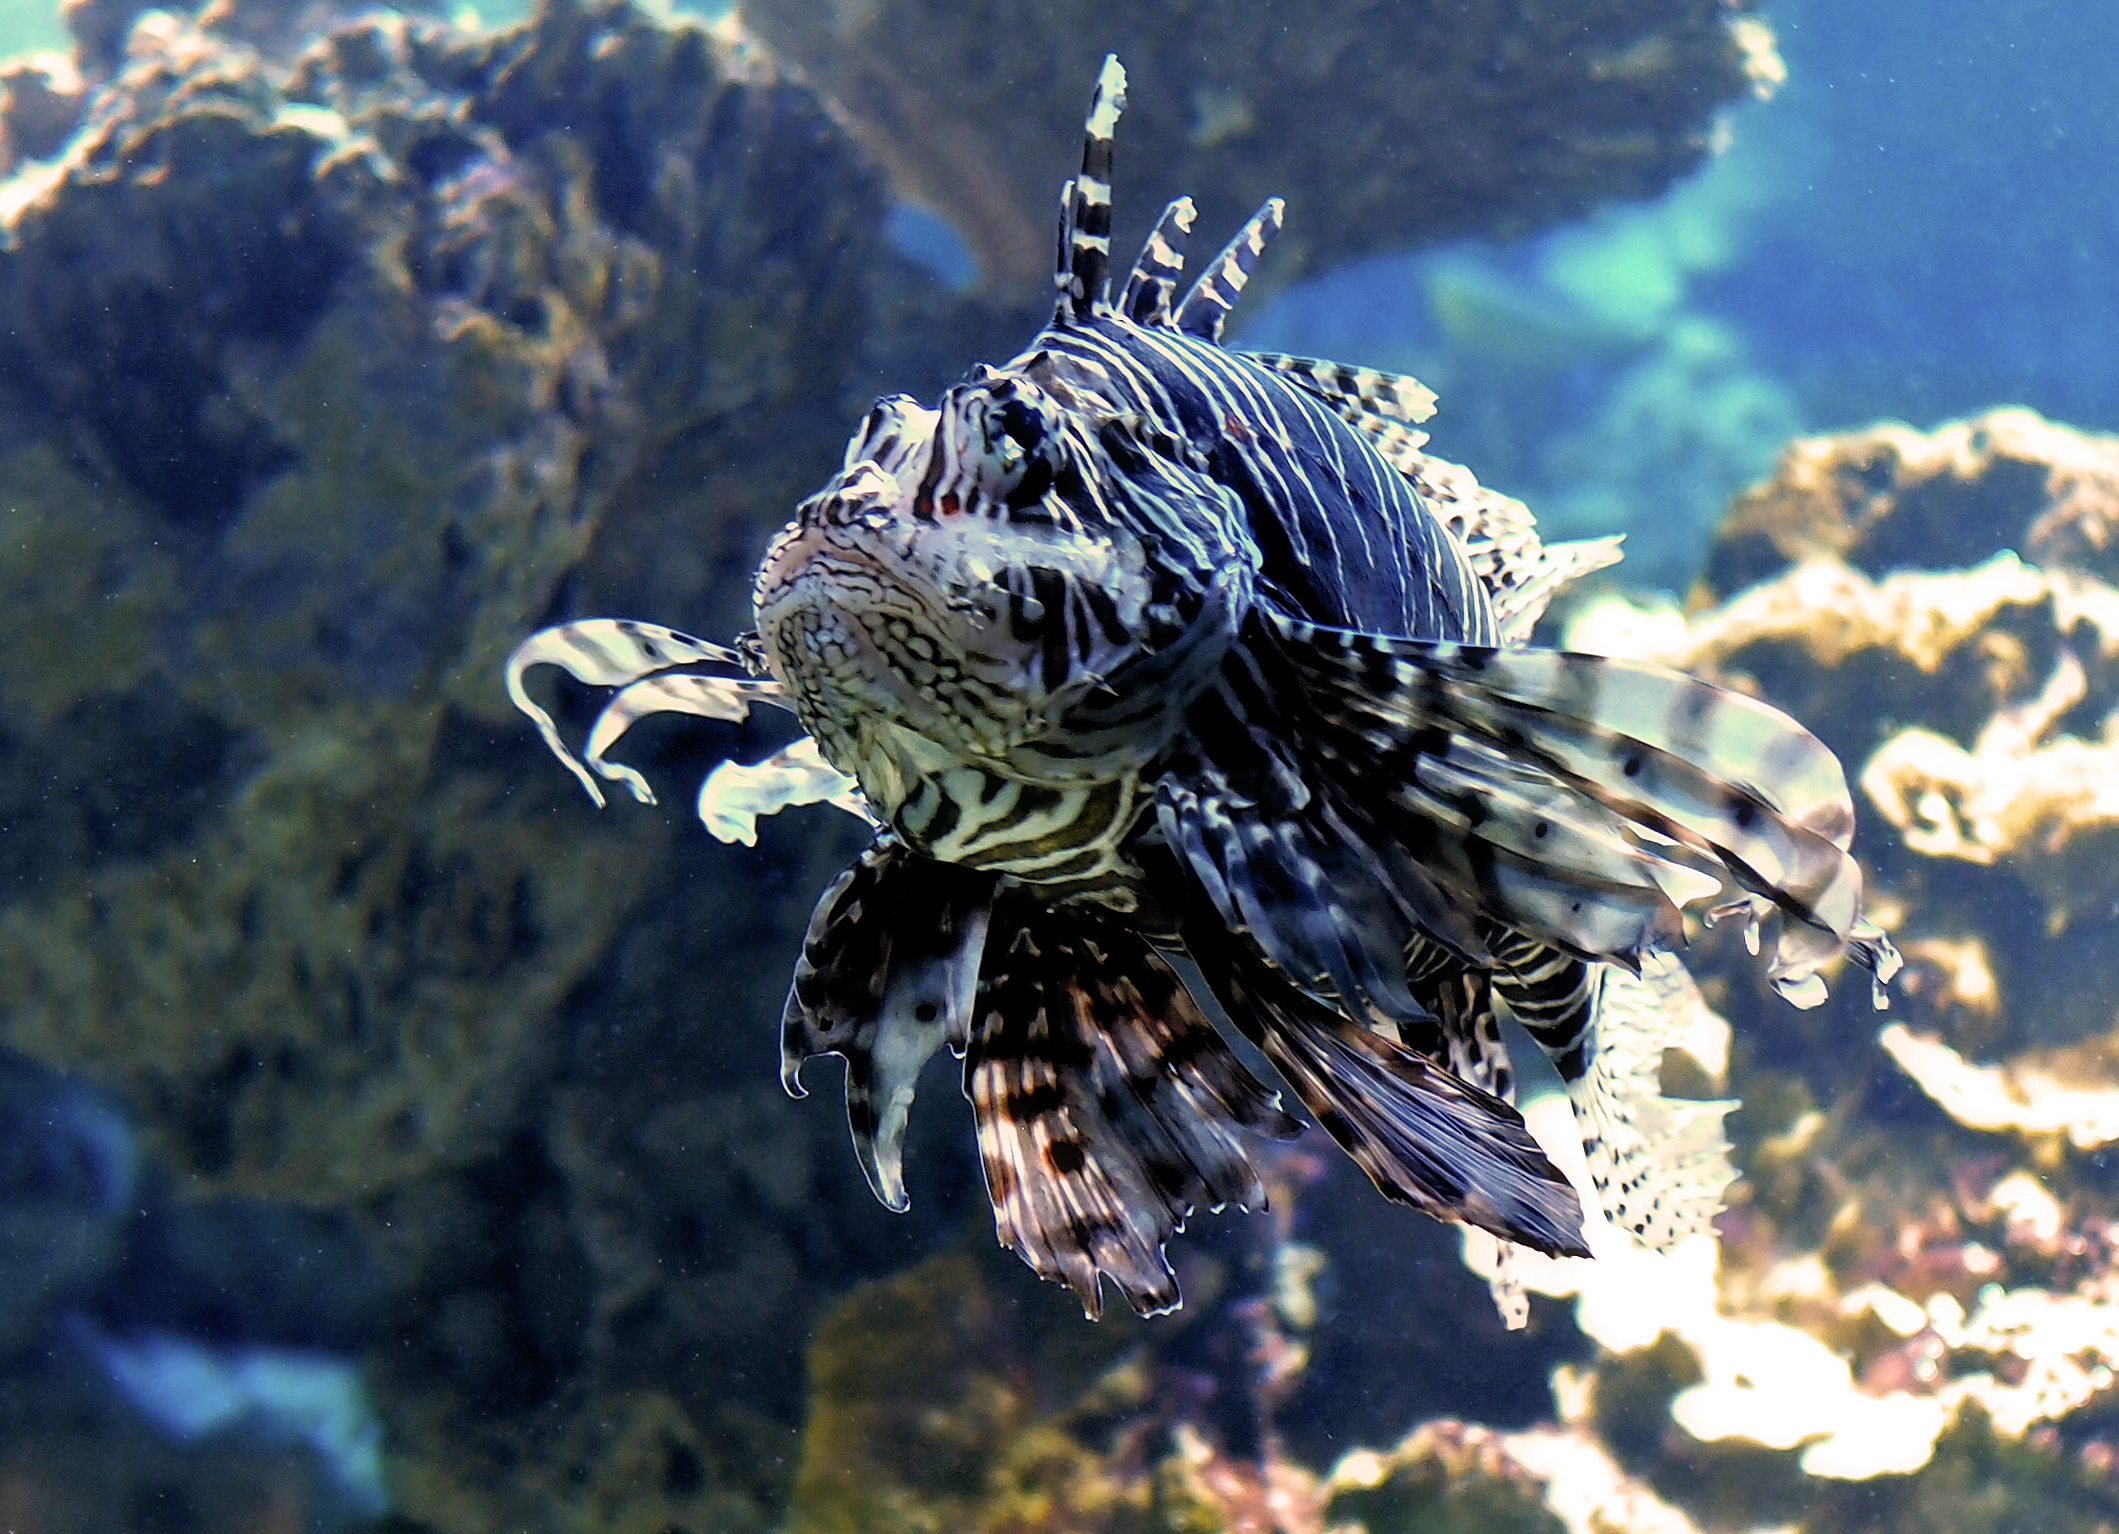 Feuerfisch  (Foto: Michael Schneider)